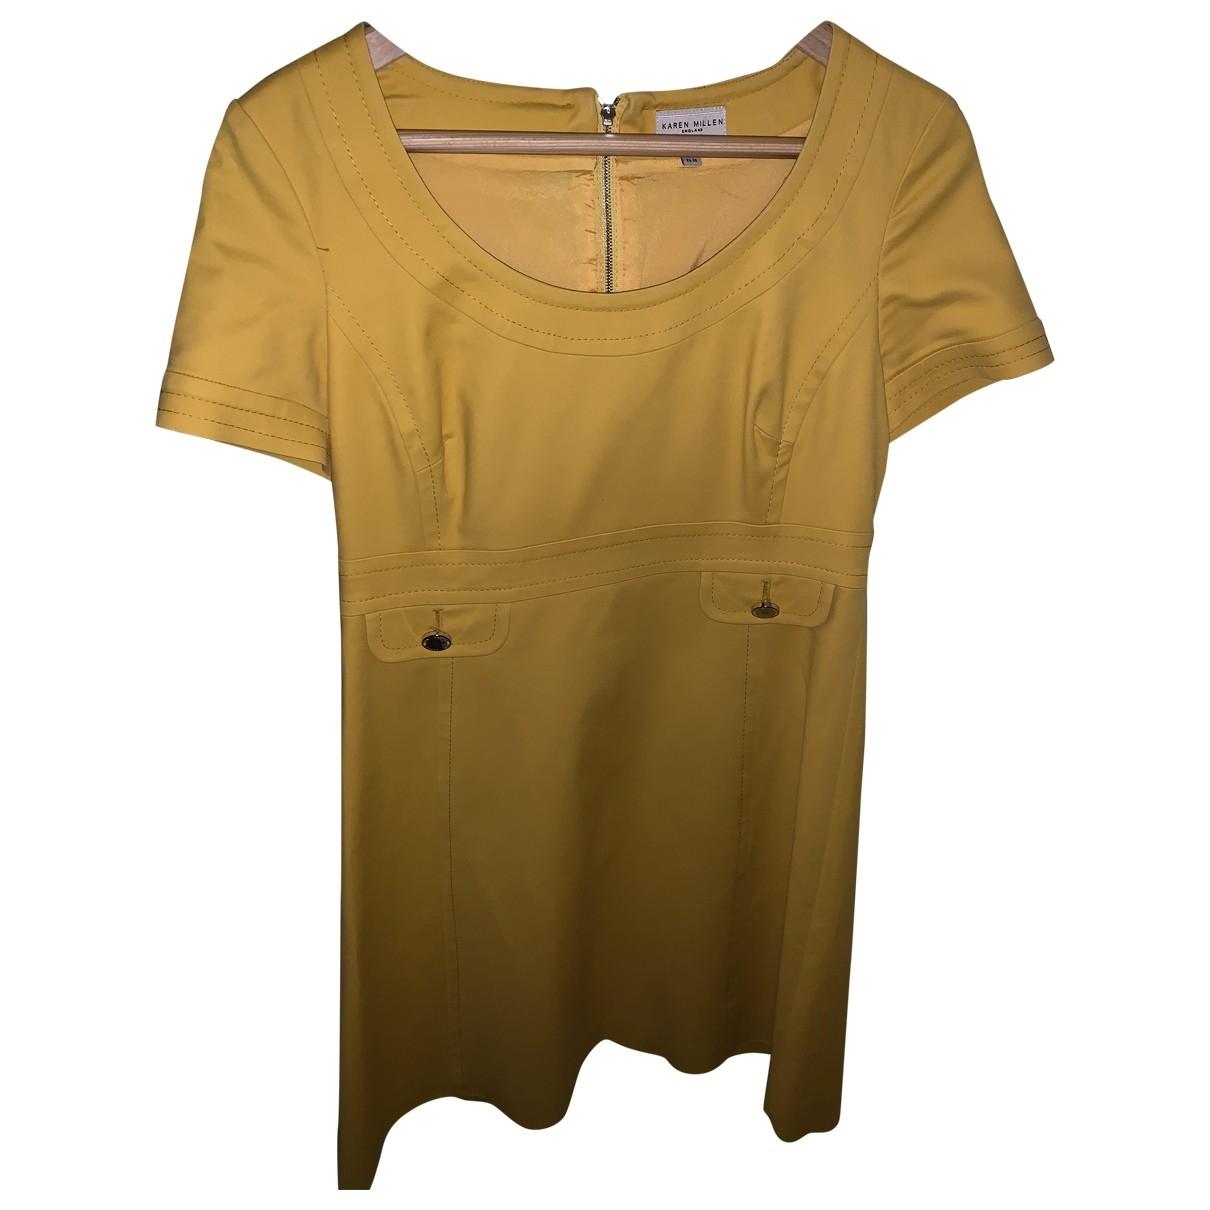 Karen Millen \N Kleid in  Gelb Baumwolle - Elasthan